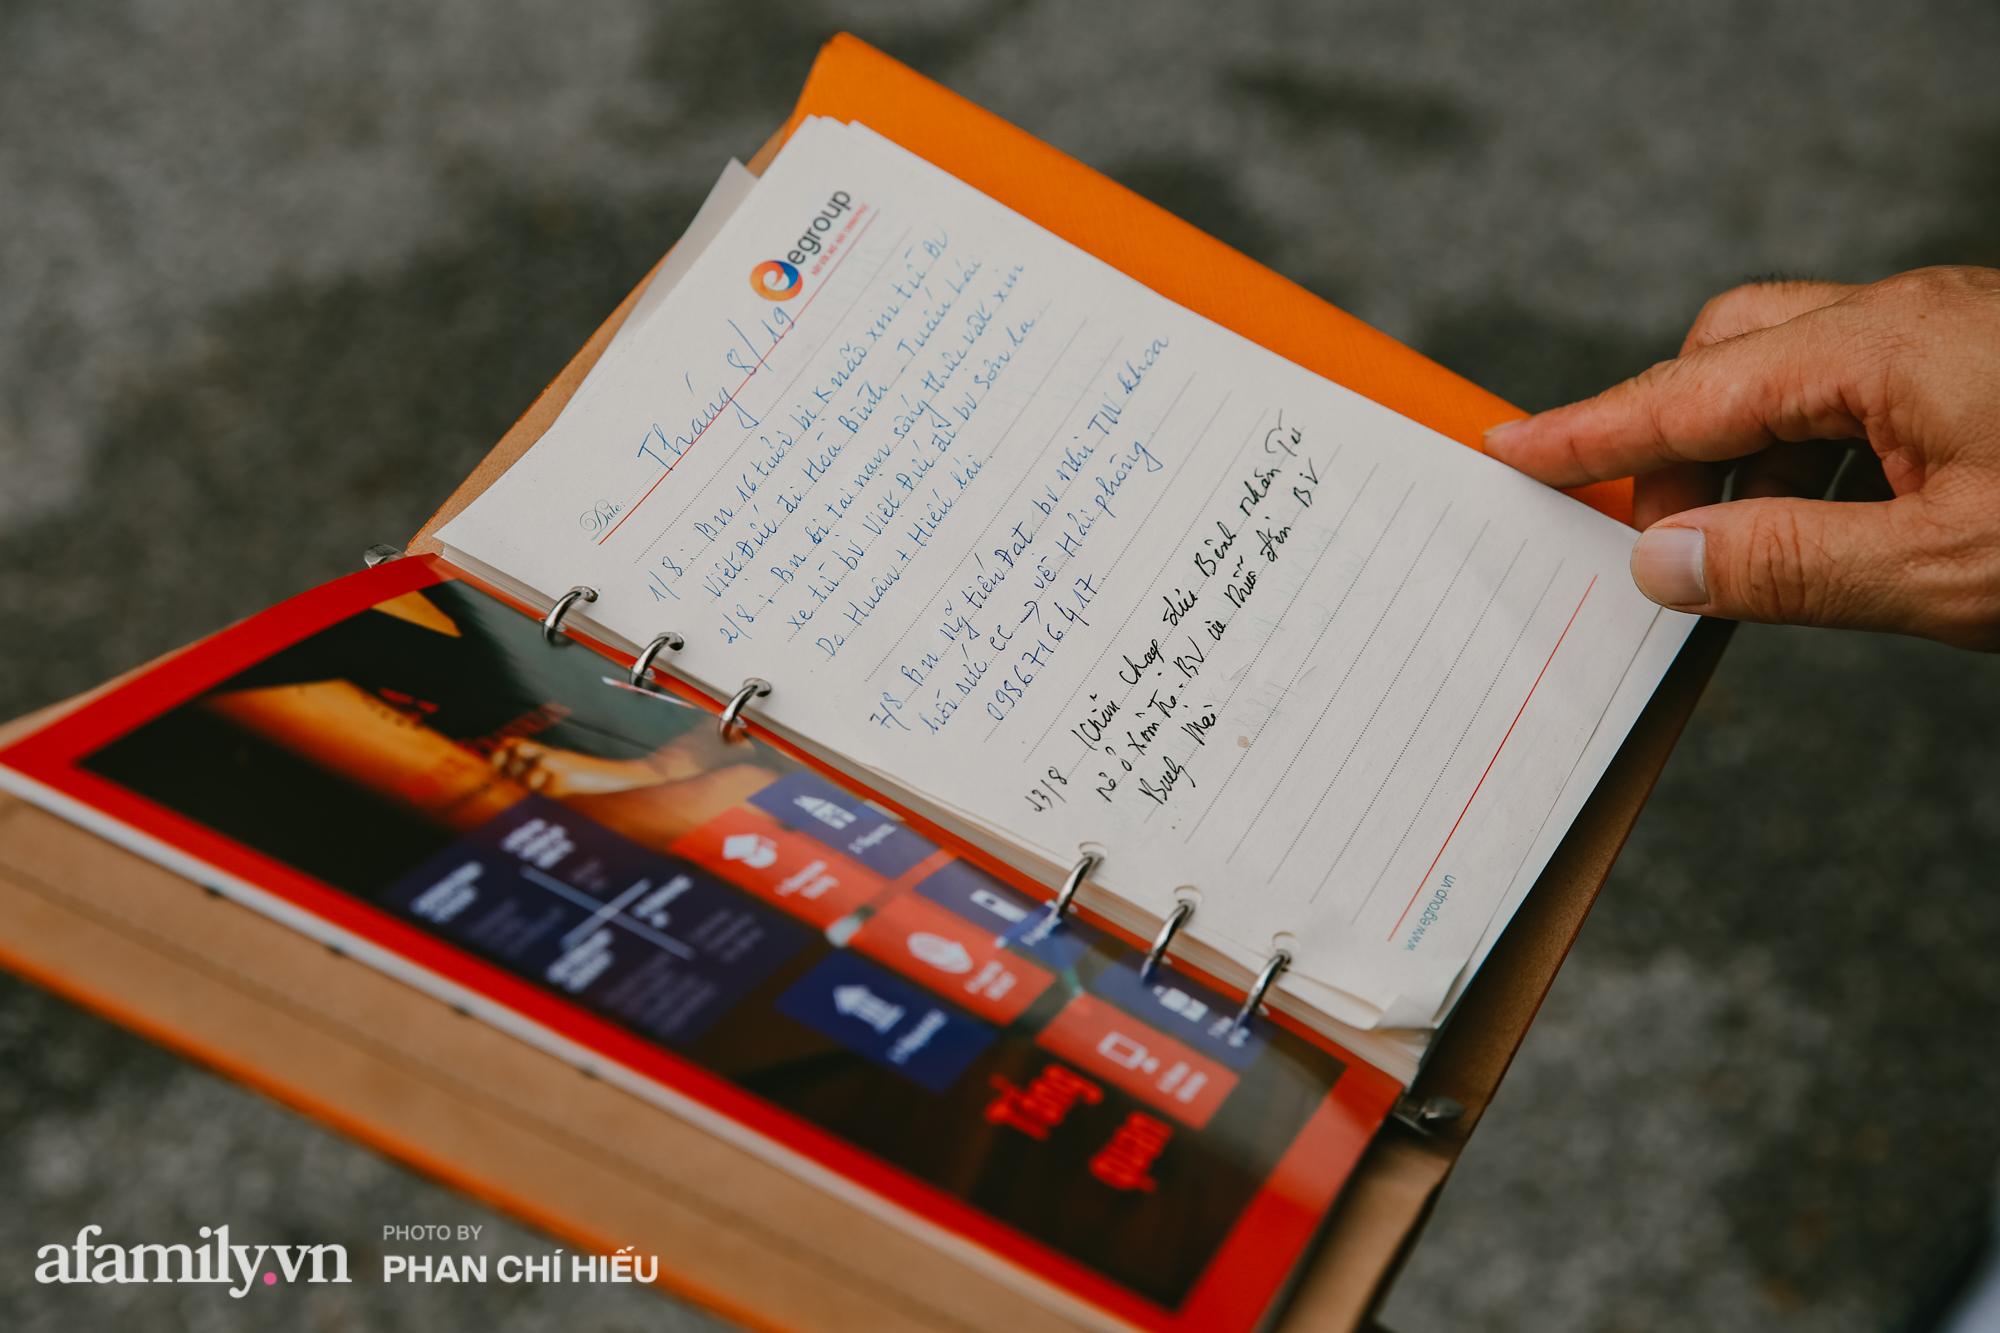 """Lạ! Trên đời có người phụ nữ bán đất mua xe cứu thương giúp người nghèo vượt qua """"bậc thềm"""" sinh tử, cùng chuyến đi định mệnh đưa xác bệnh nhi vượt 300km trở về với gia đình gần biên giới Việt - Lào - Ảnh 3."""